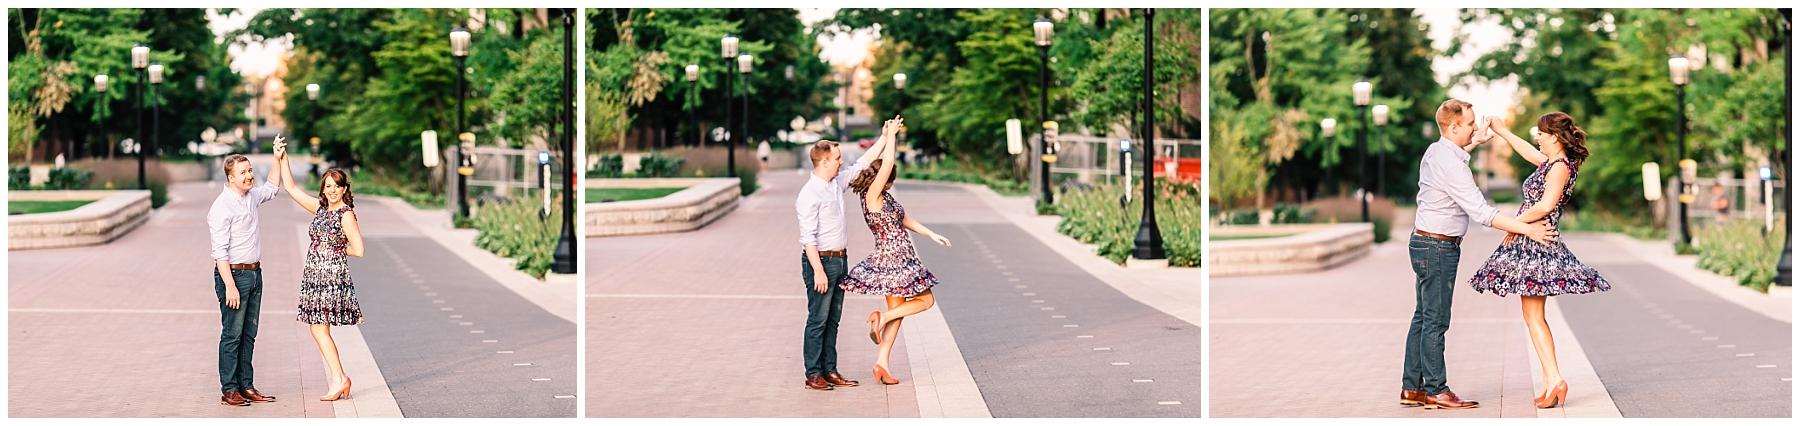 west lafayette indiana engagement wedding photographer purdue alumni engagement photogrpahy aubry and brandon lafayette, indiana_0218.jpg